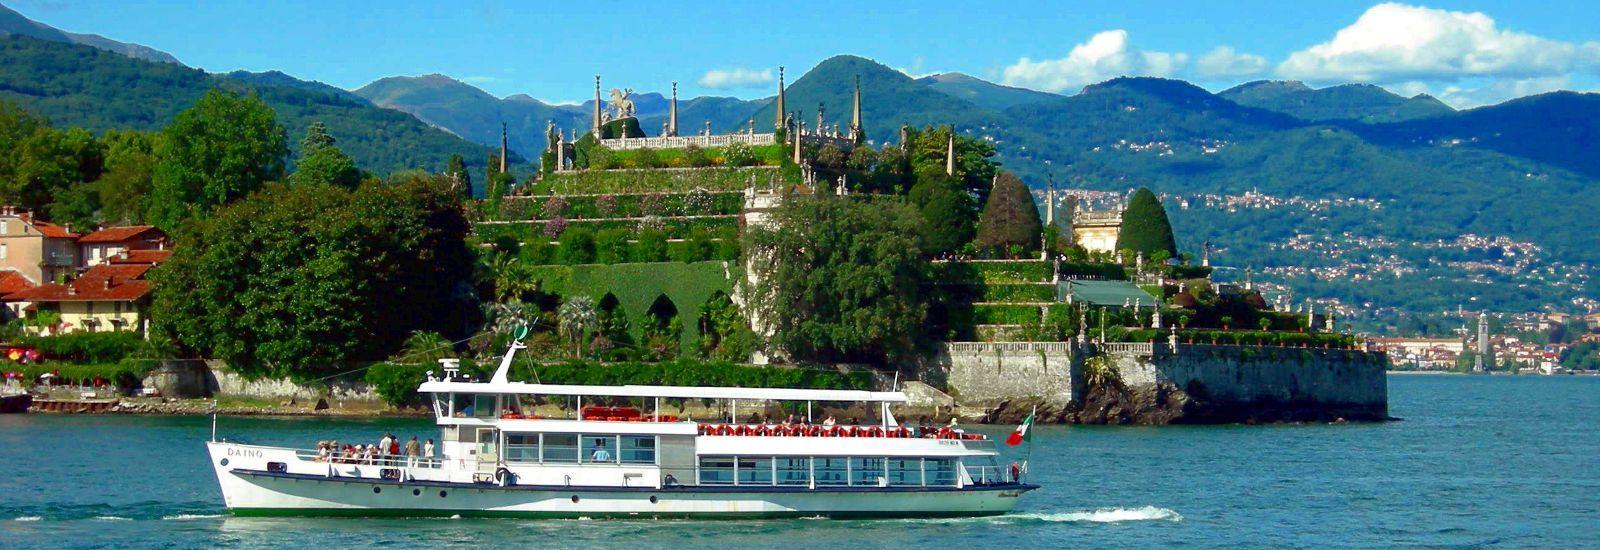 Navigazione Lago Maggiore primo piano